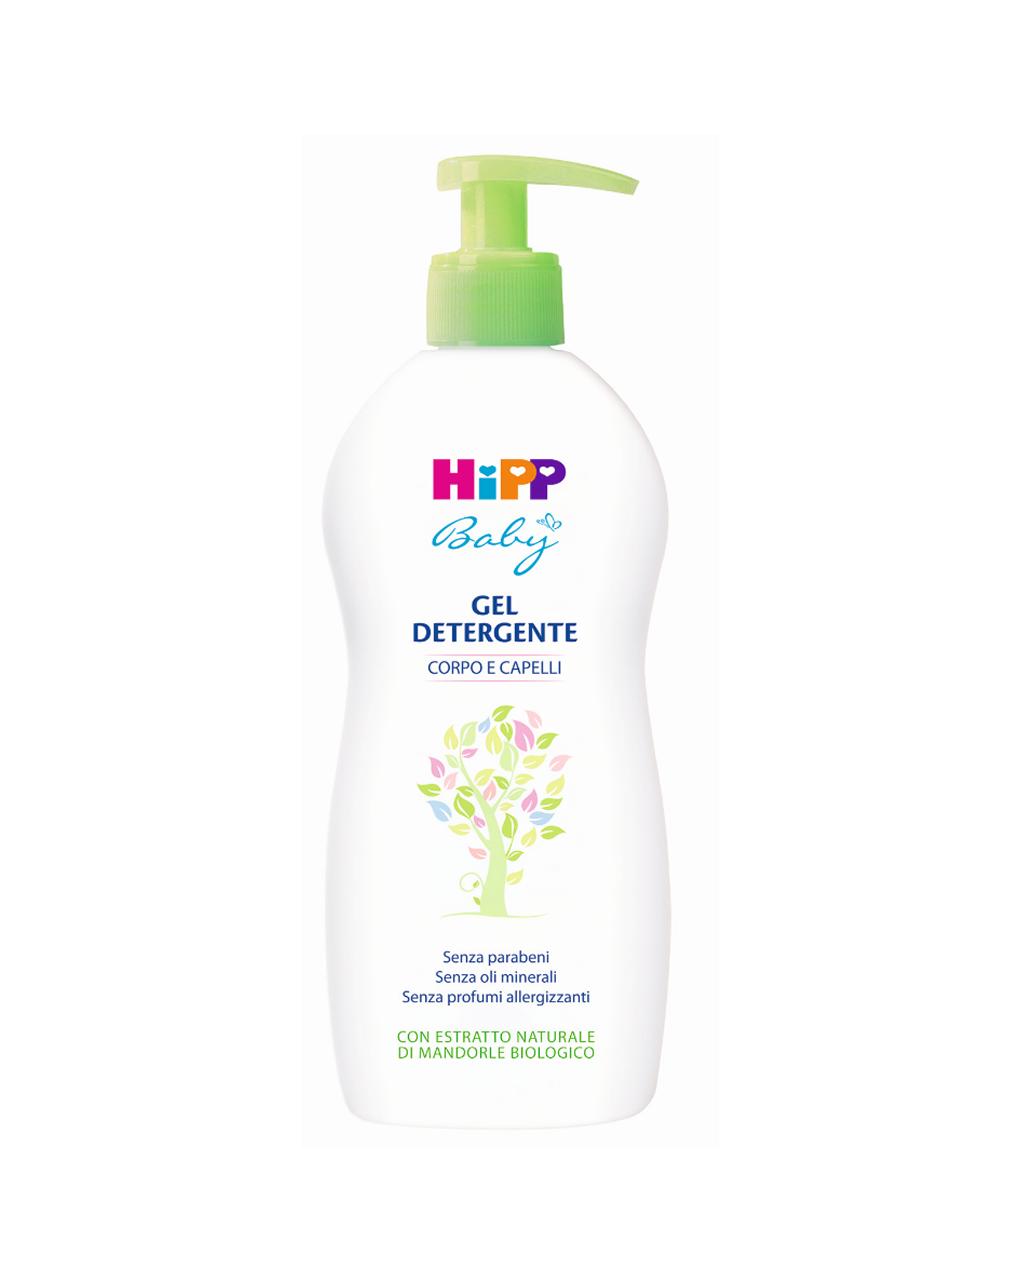 Gel detergente 400ml - Hipp Baby